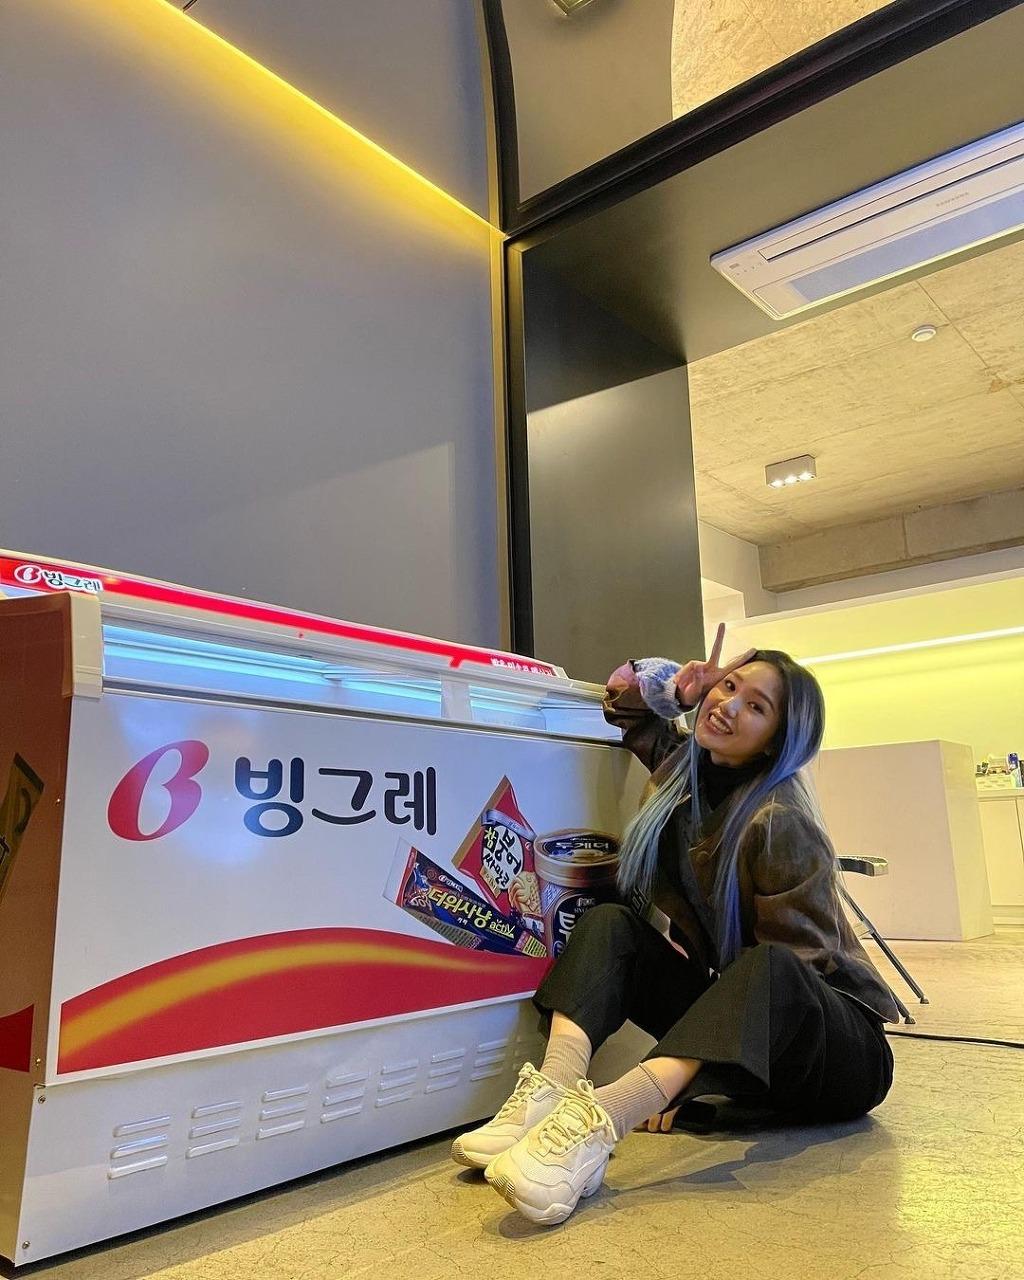 빙그레한테 냉동고 선물 받은 오마이걸 미미 - 꾸르